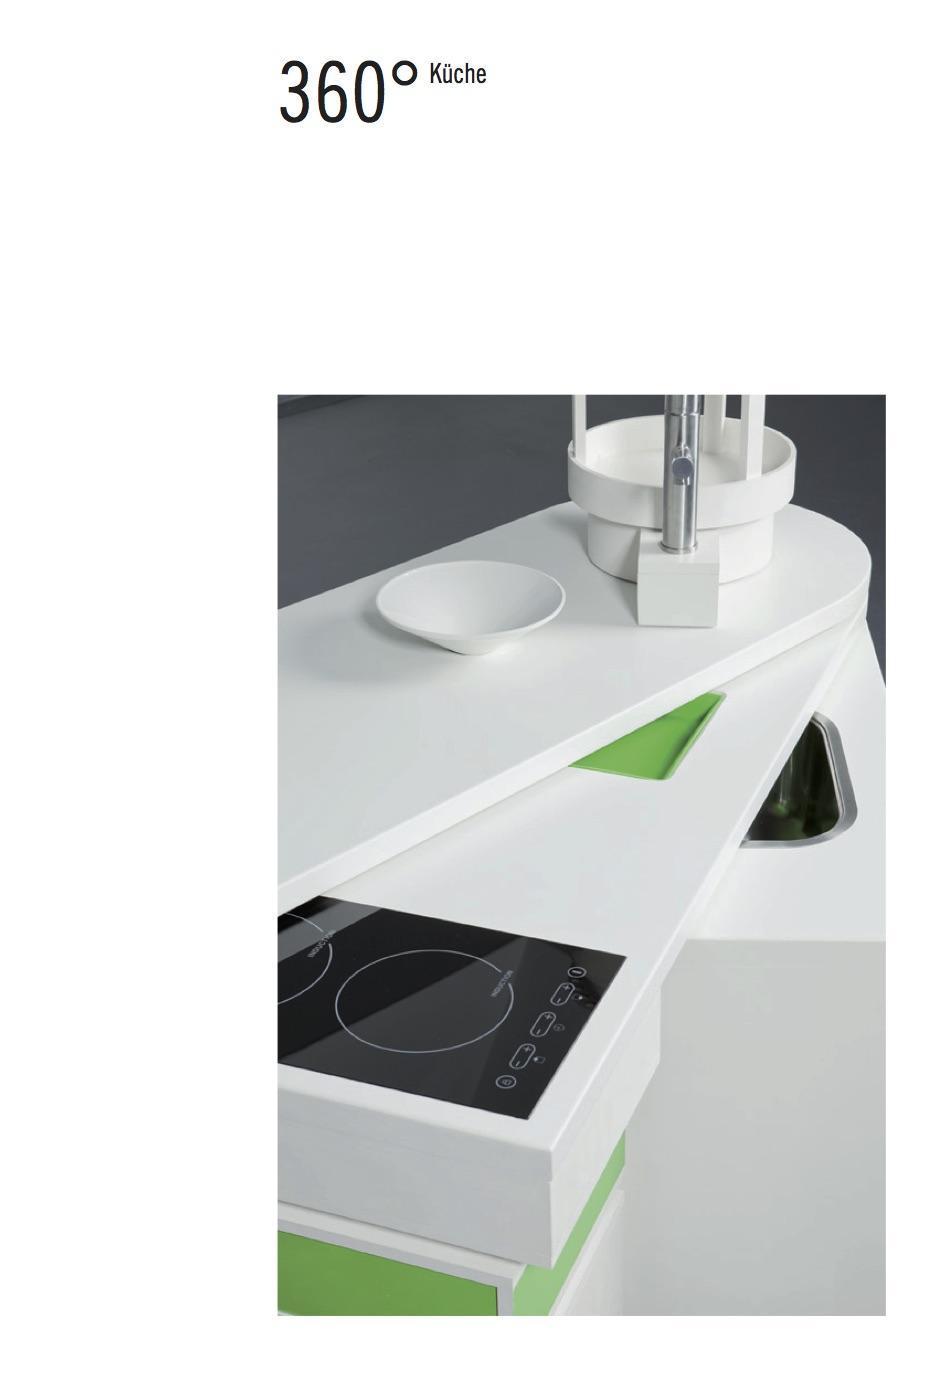 Großzügig Wasser Grat Herausziehen Küchenarmatur Costco Bilder ...